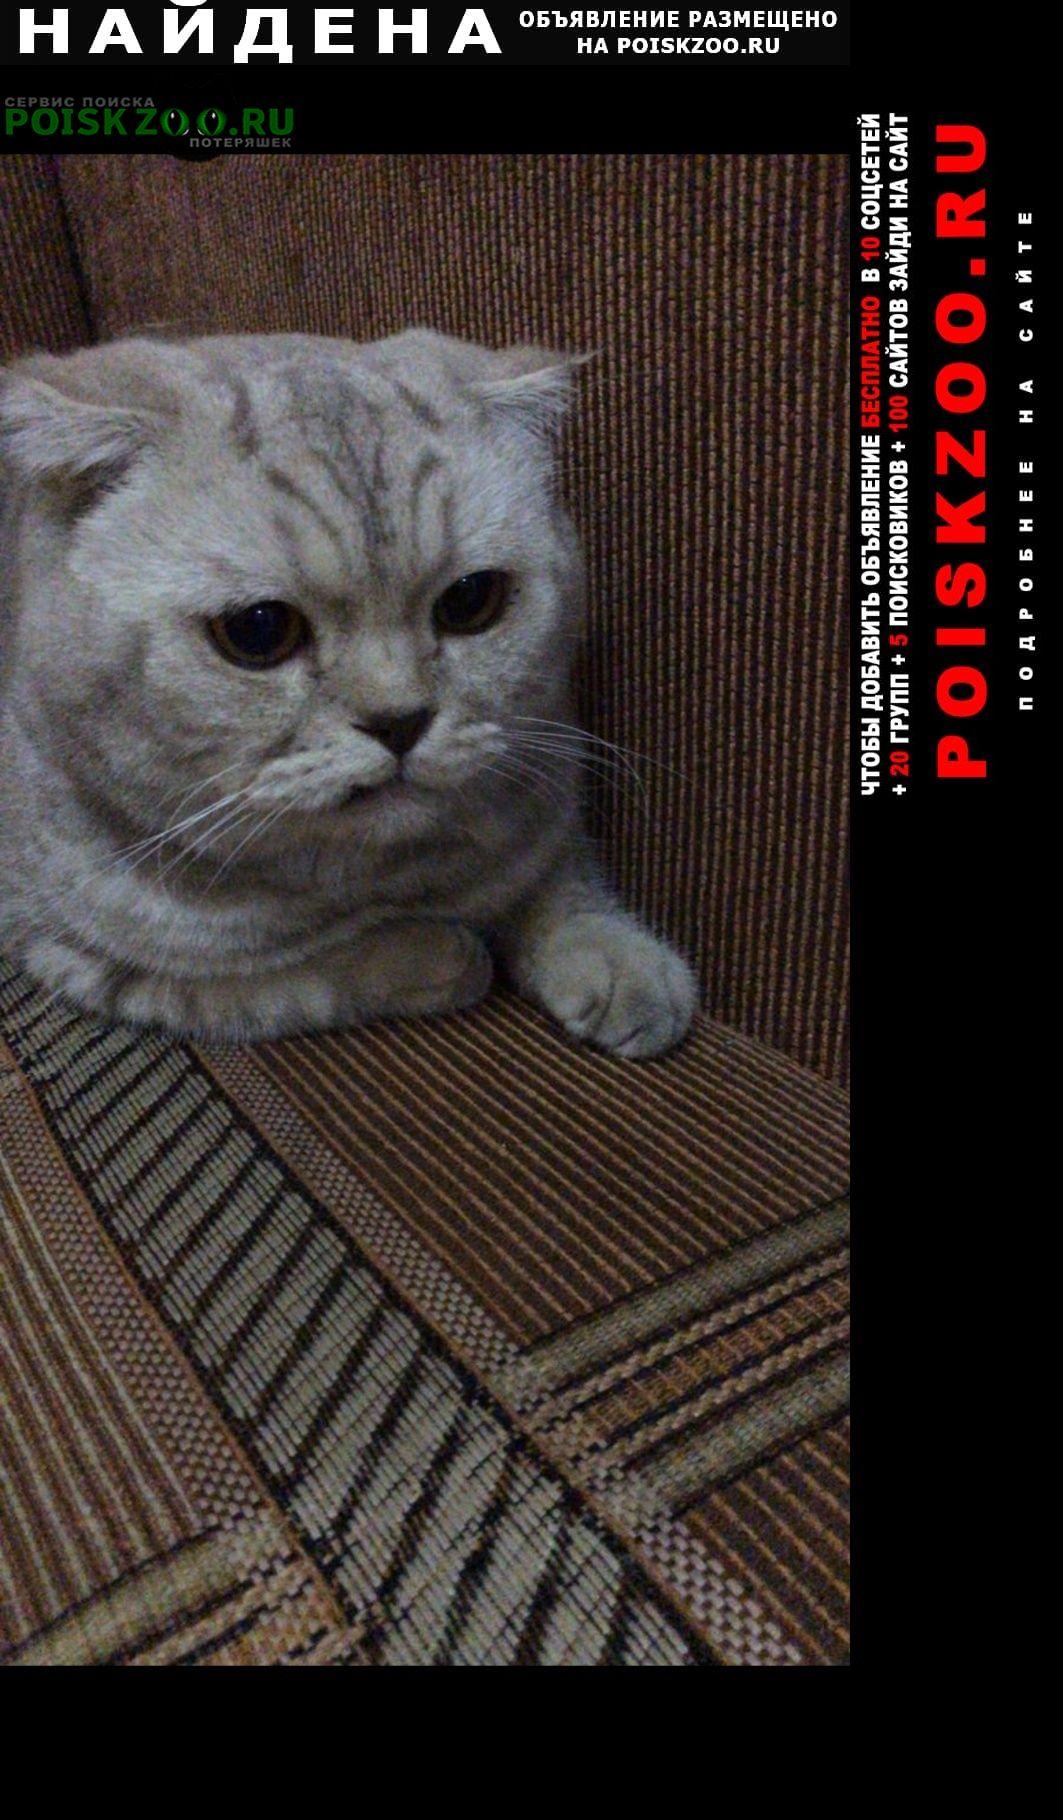 Найден кот вислоухий Москва